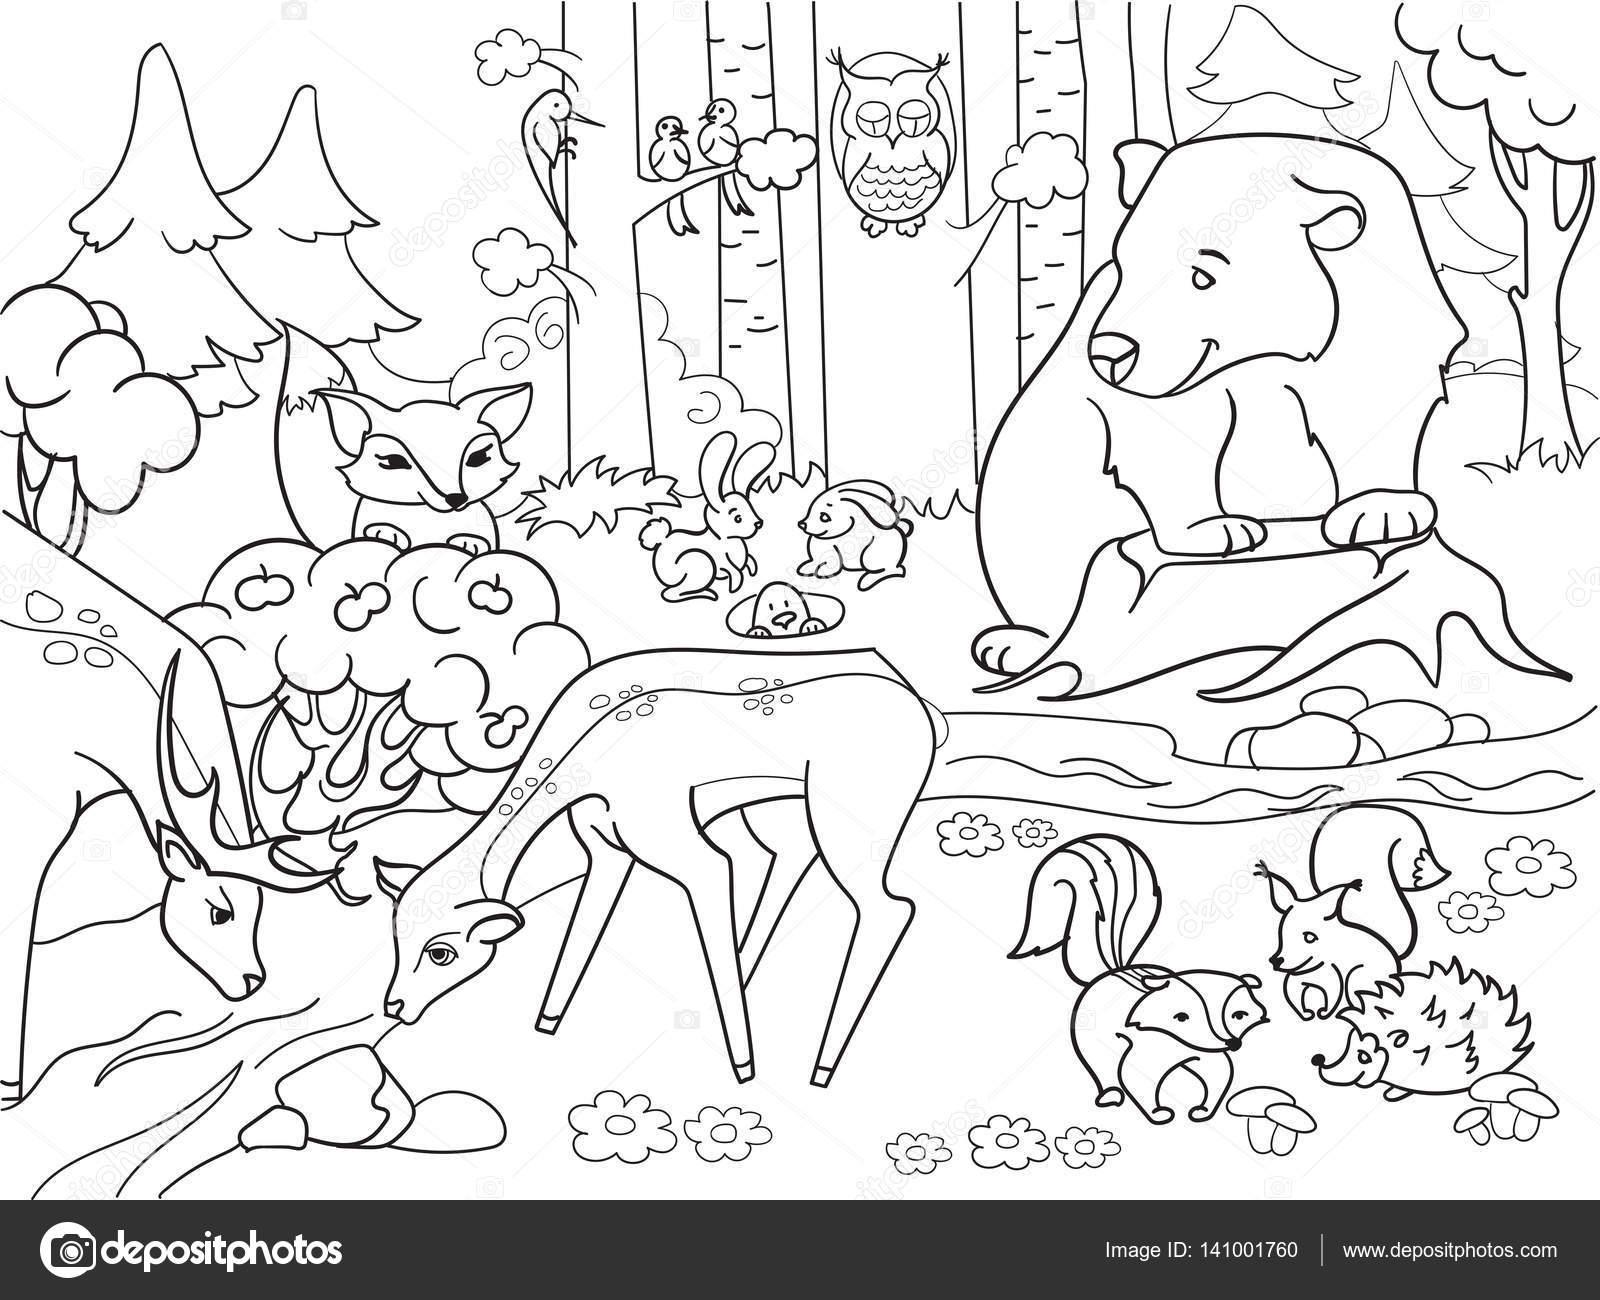 Krajobraz coloring #8, Download drawings